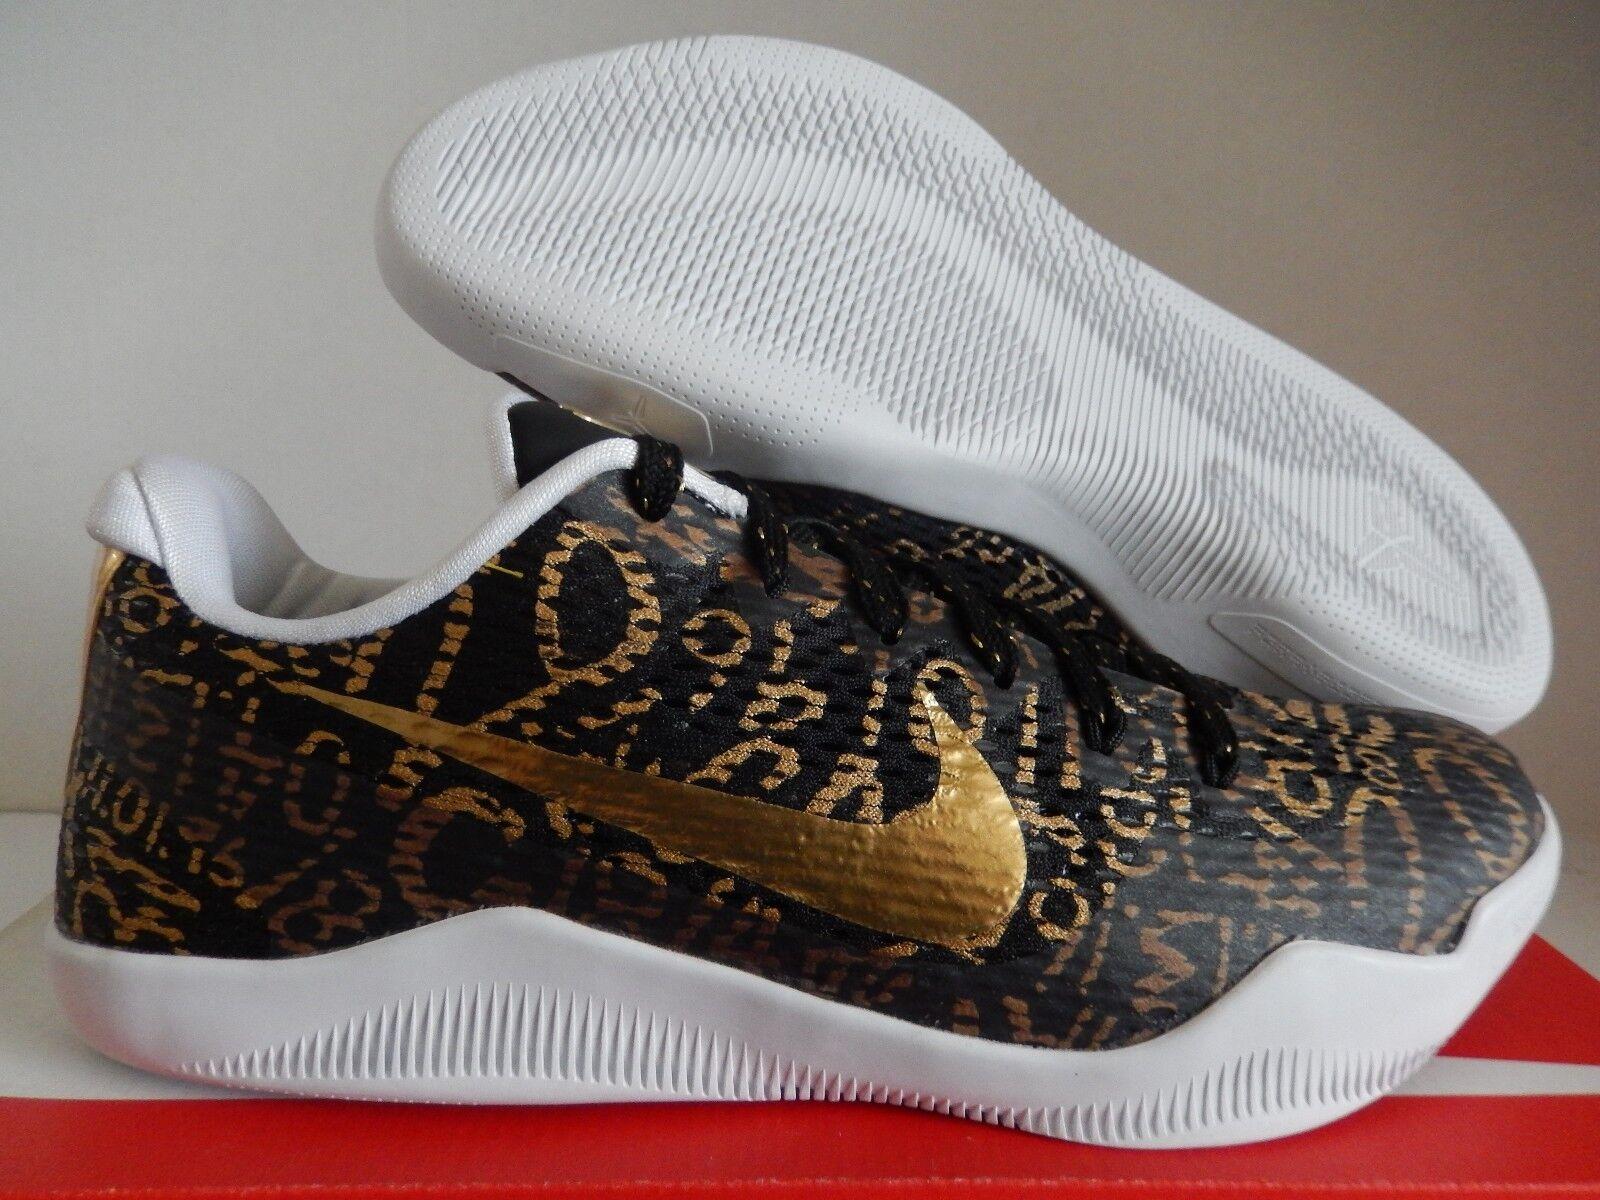 buy online 27701 281bb Nike Kobe XI 11 id Mamba Negro-Oro-Blanco reducción de precios precios  precios